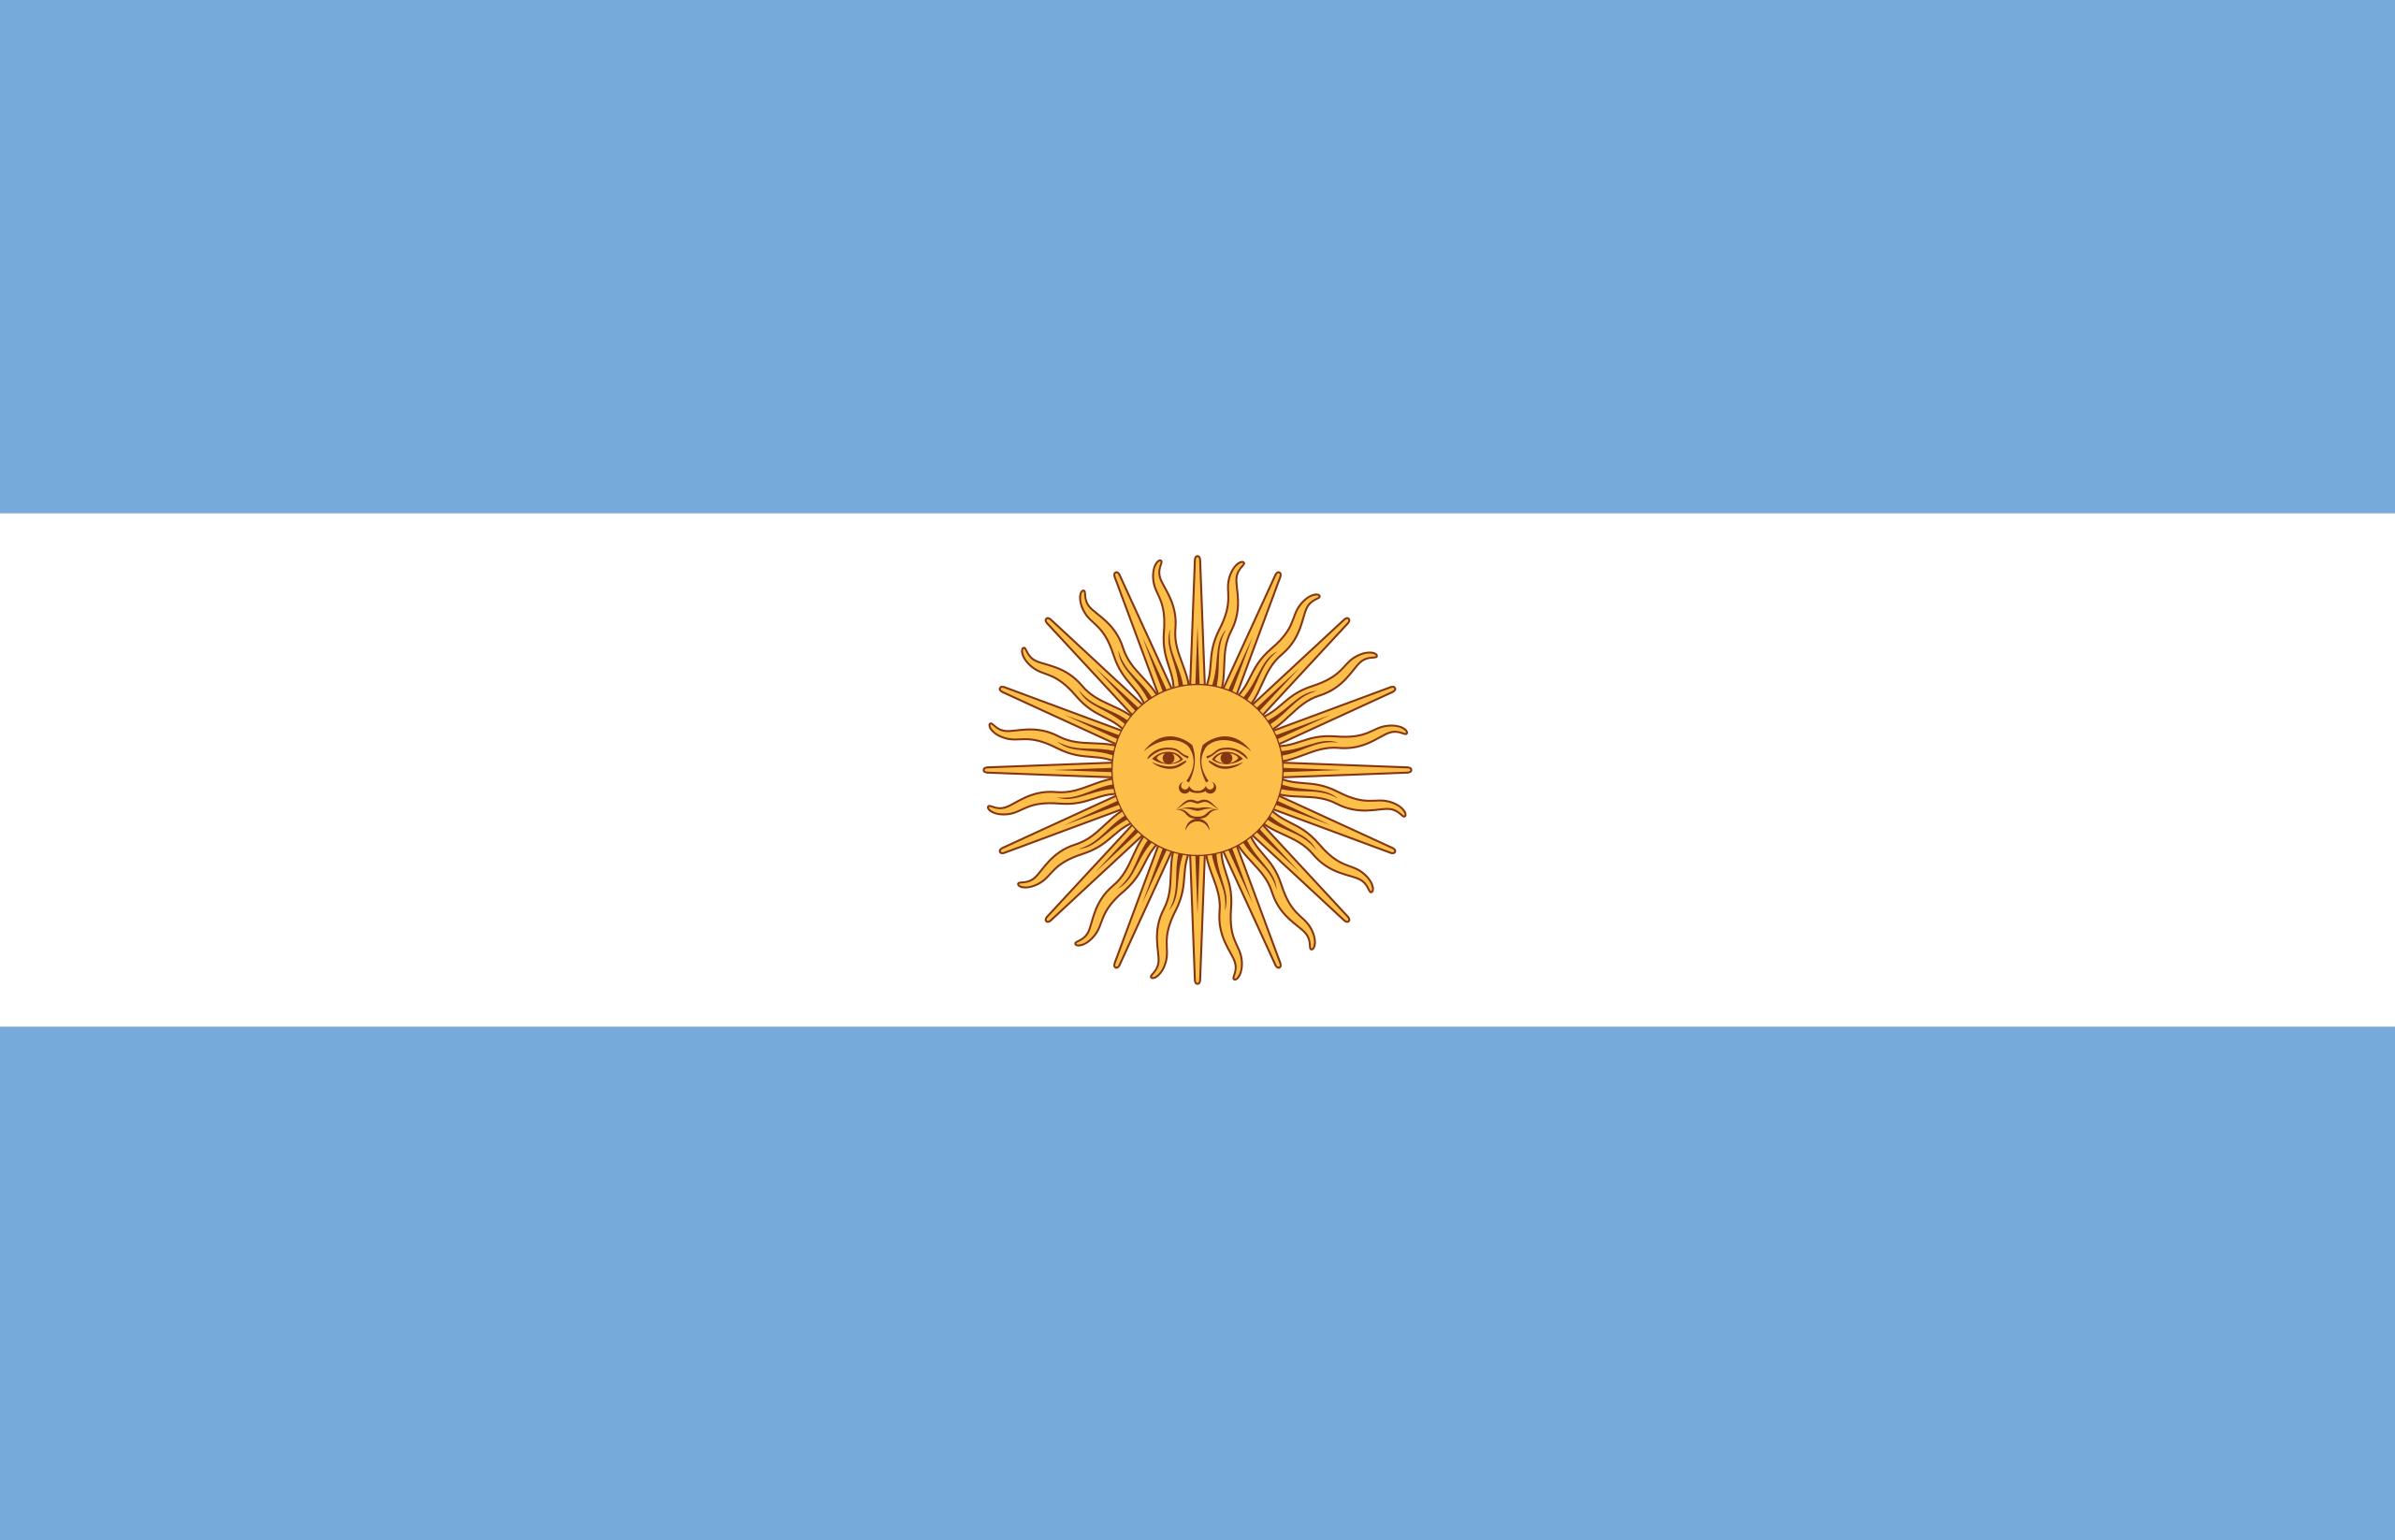 Argentina, país, Brasão de armas, logotipo, símbolo - Papéis de parede HD - Professor-falken.com